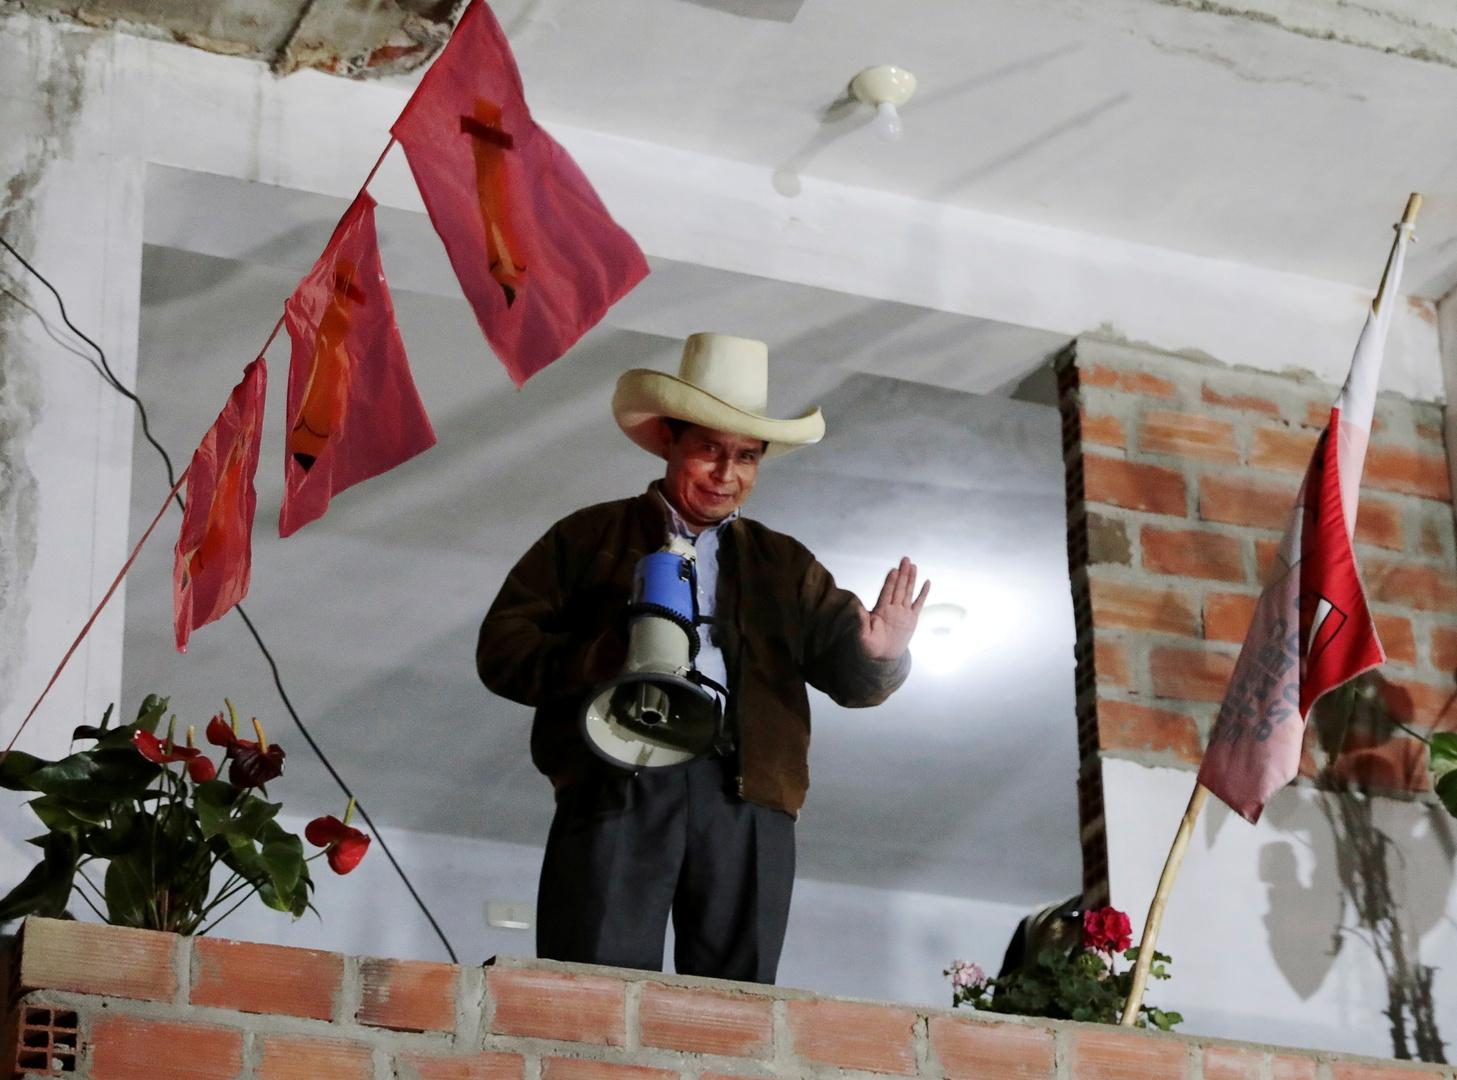 بيرو.. ضباط متقاعدون لا يستبعدون رفض الجيش الاعتراف بالرئيس الجديد